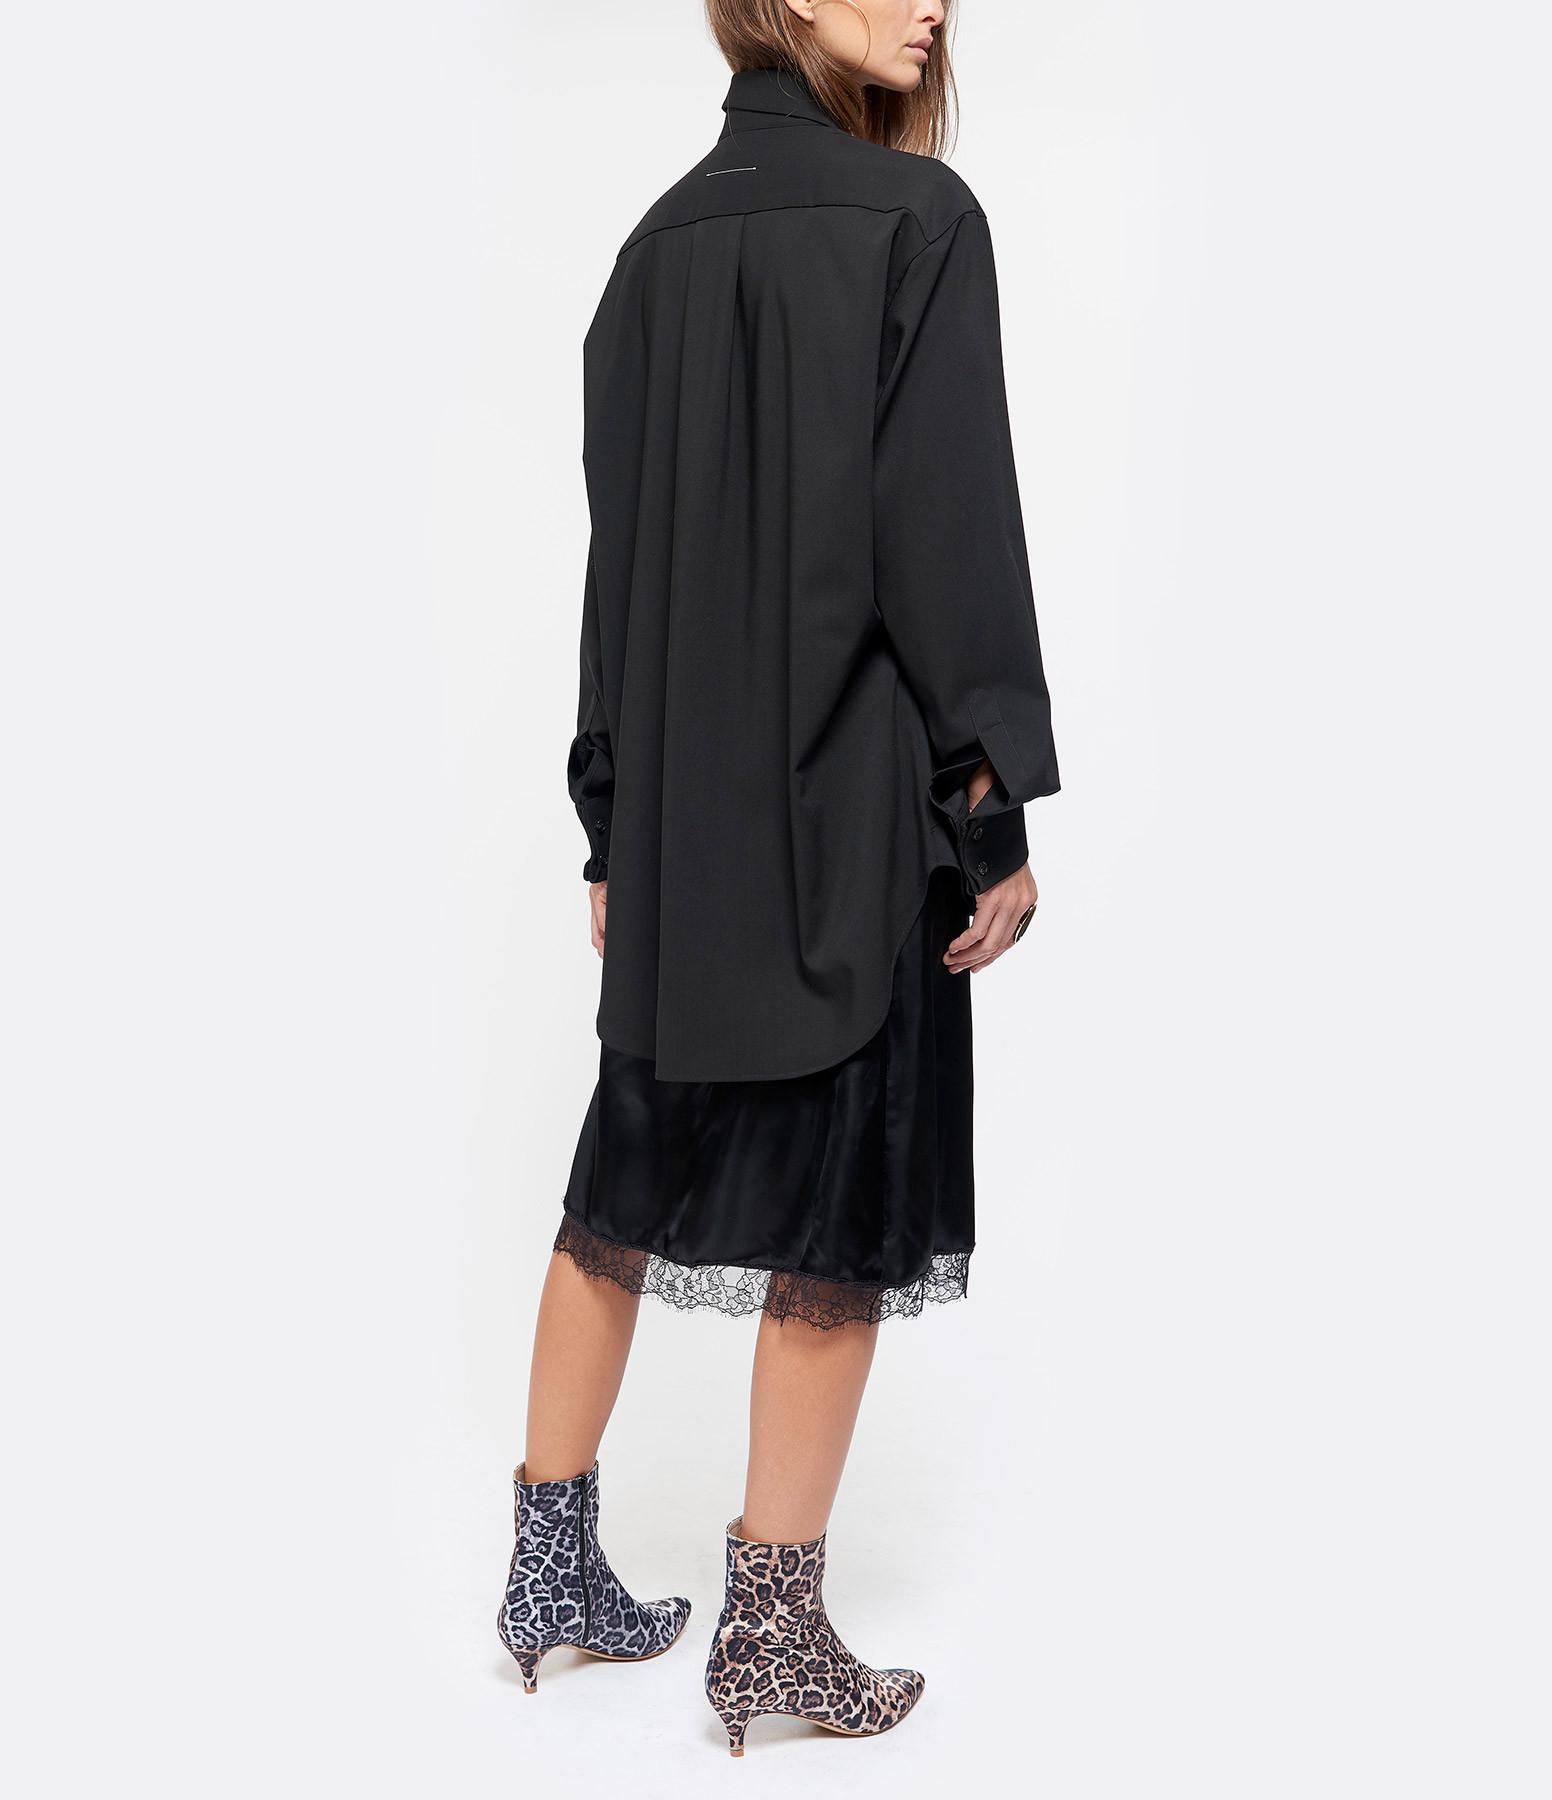 MM6 MAISON MARGIELA - Robe Veste Denim Noir